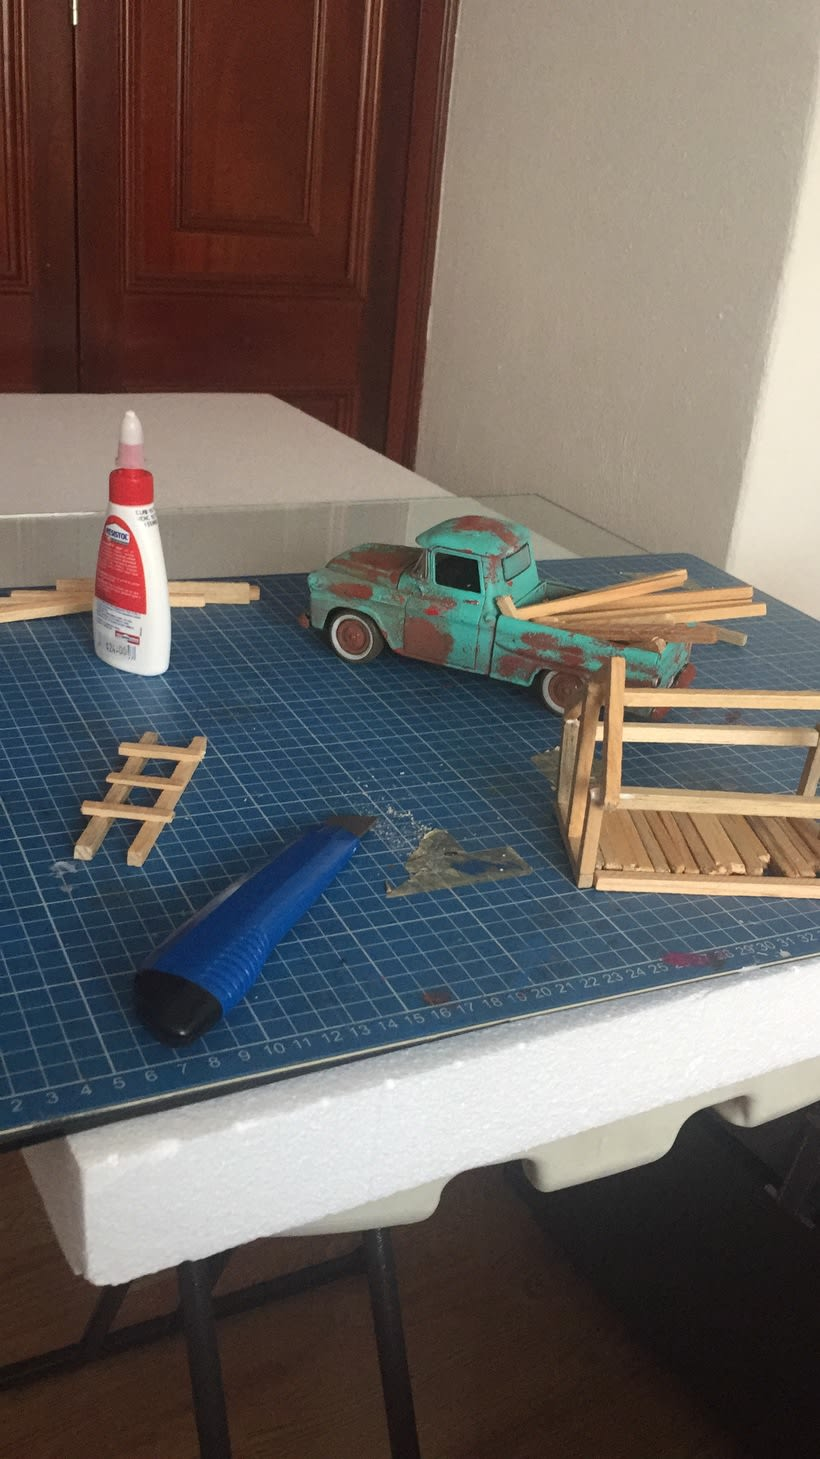 Mi Proyecto del curso: Fotografía creativa en estudio con modelos a escala 6